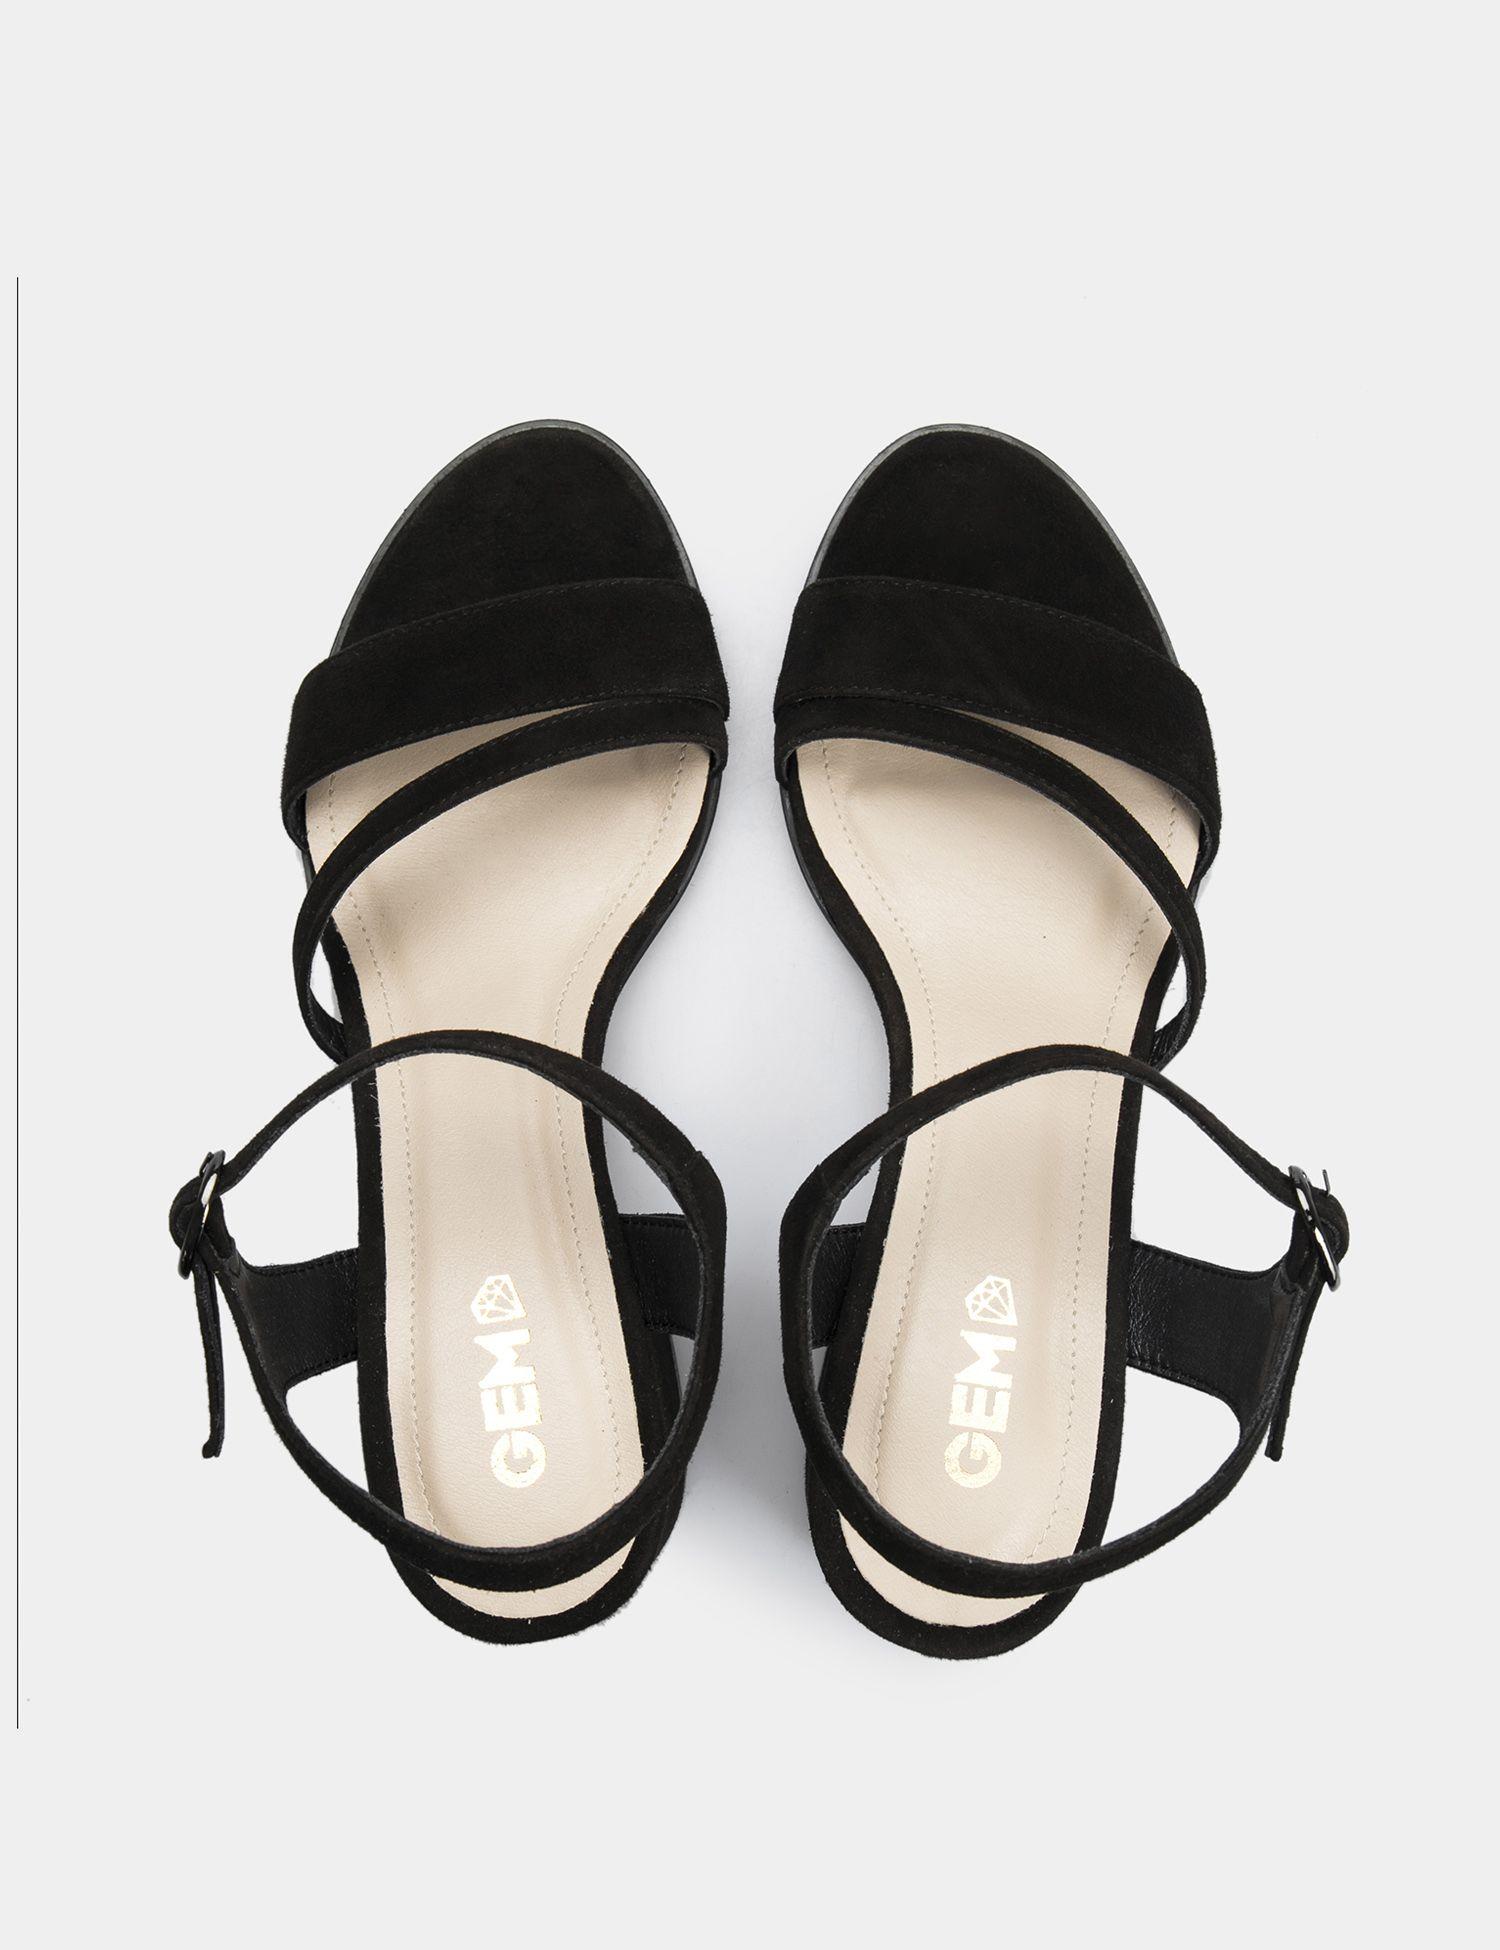 Босоножки женские Босоножки 95590141 черная замша 95590141 размерная сетка обуви, 2017